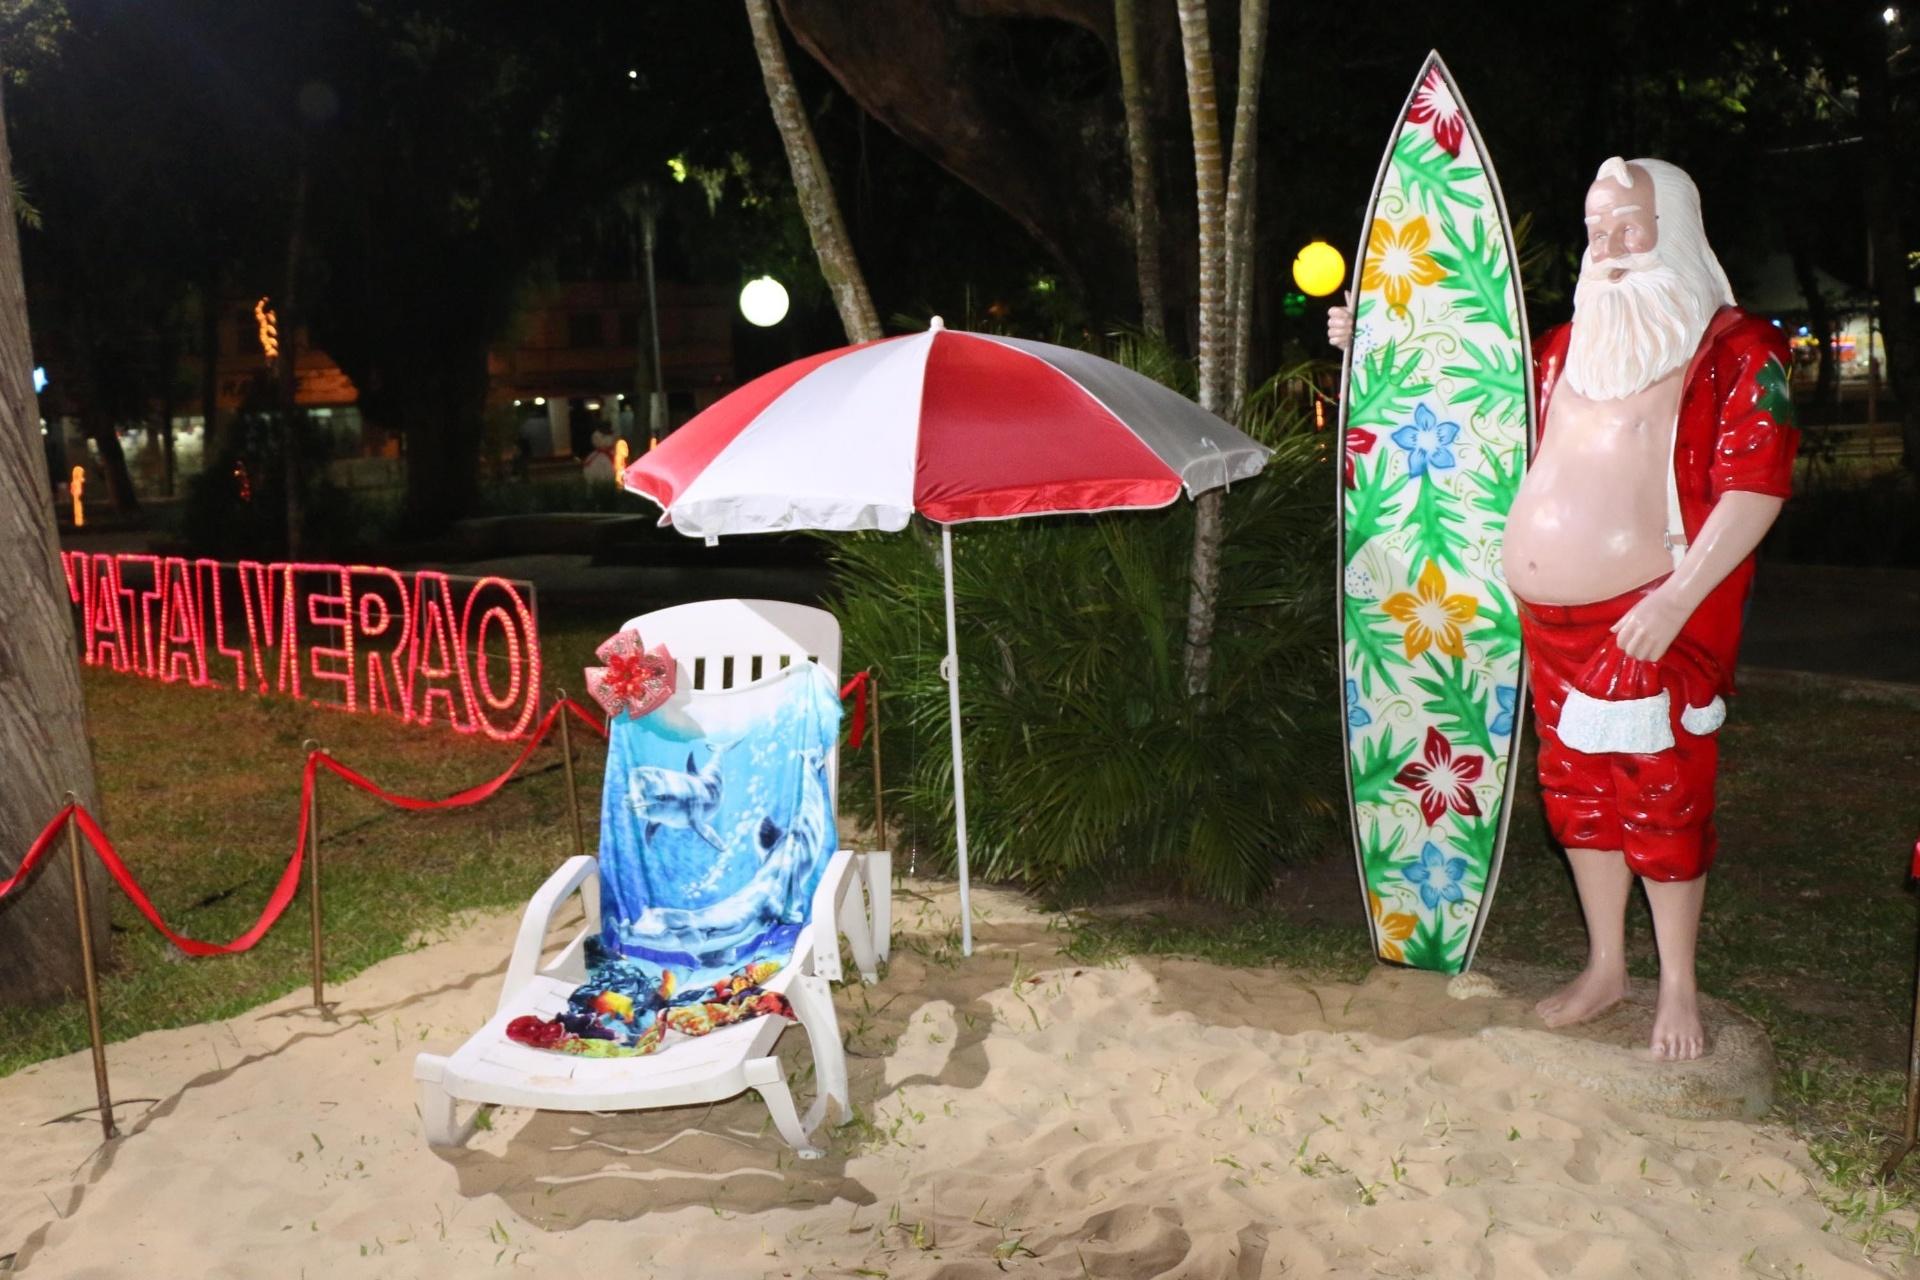 9.dez.2014 - Papai Noel surfista faz parte da decoração de Natal, em Araranguá, em Santa Catarina